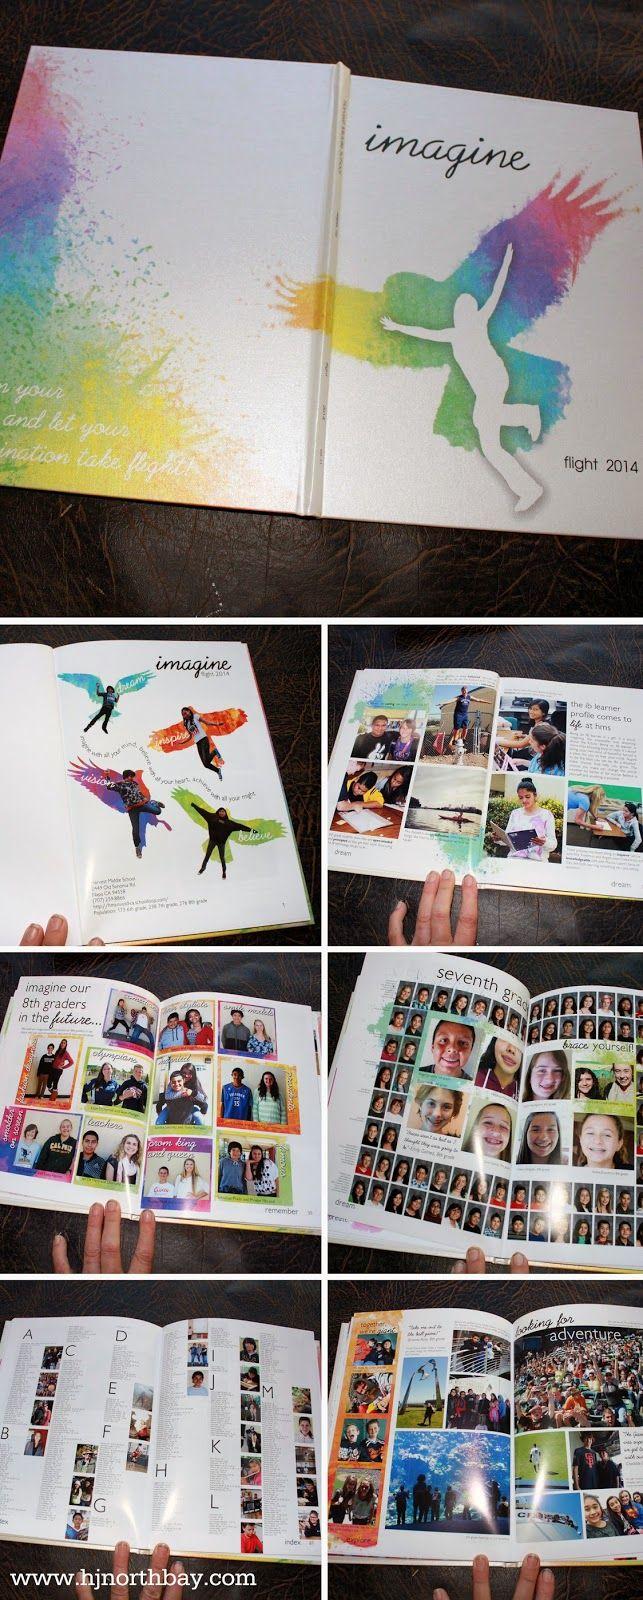 Sleek Watercolor Splashes Imagine Yearbook Me Imagine Yearbook Me Watercolor Splashes Yearbook Yearbook Me Ideas Middle School 2018 Yearbook Me Ideas ideas Yearbook Theme Ideas